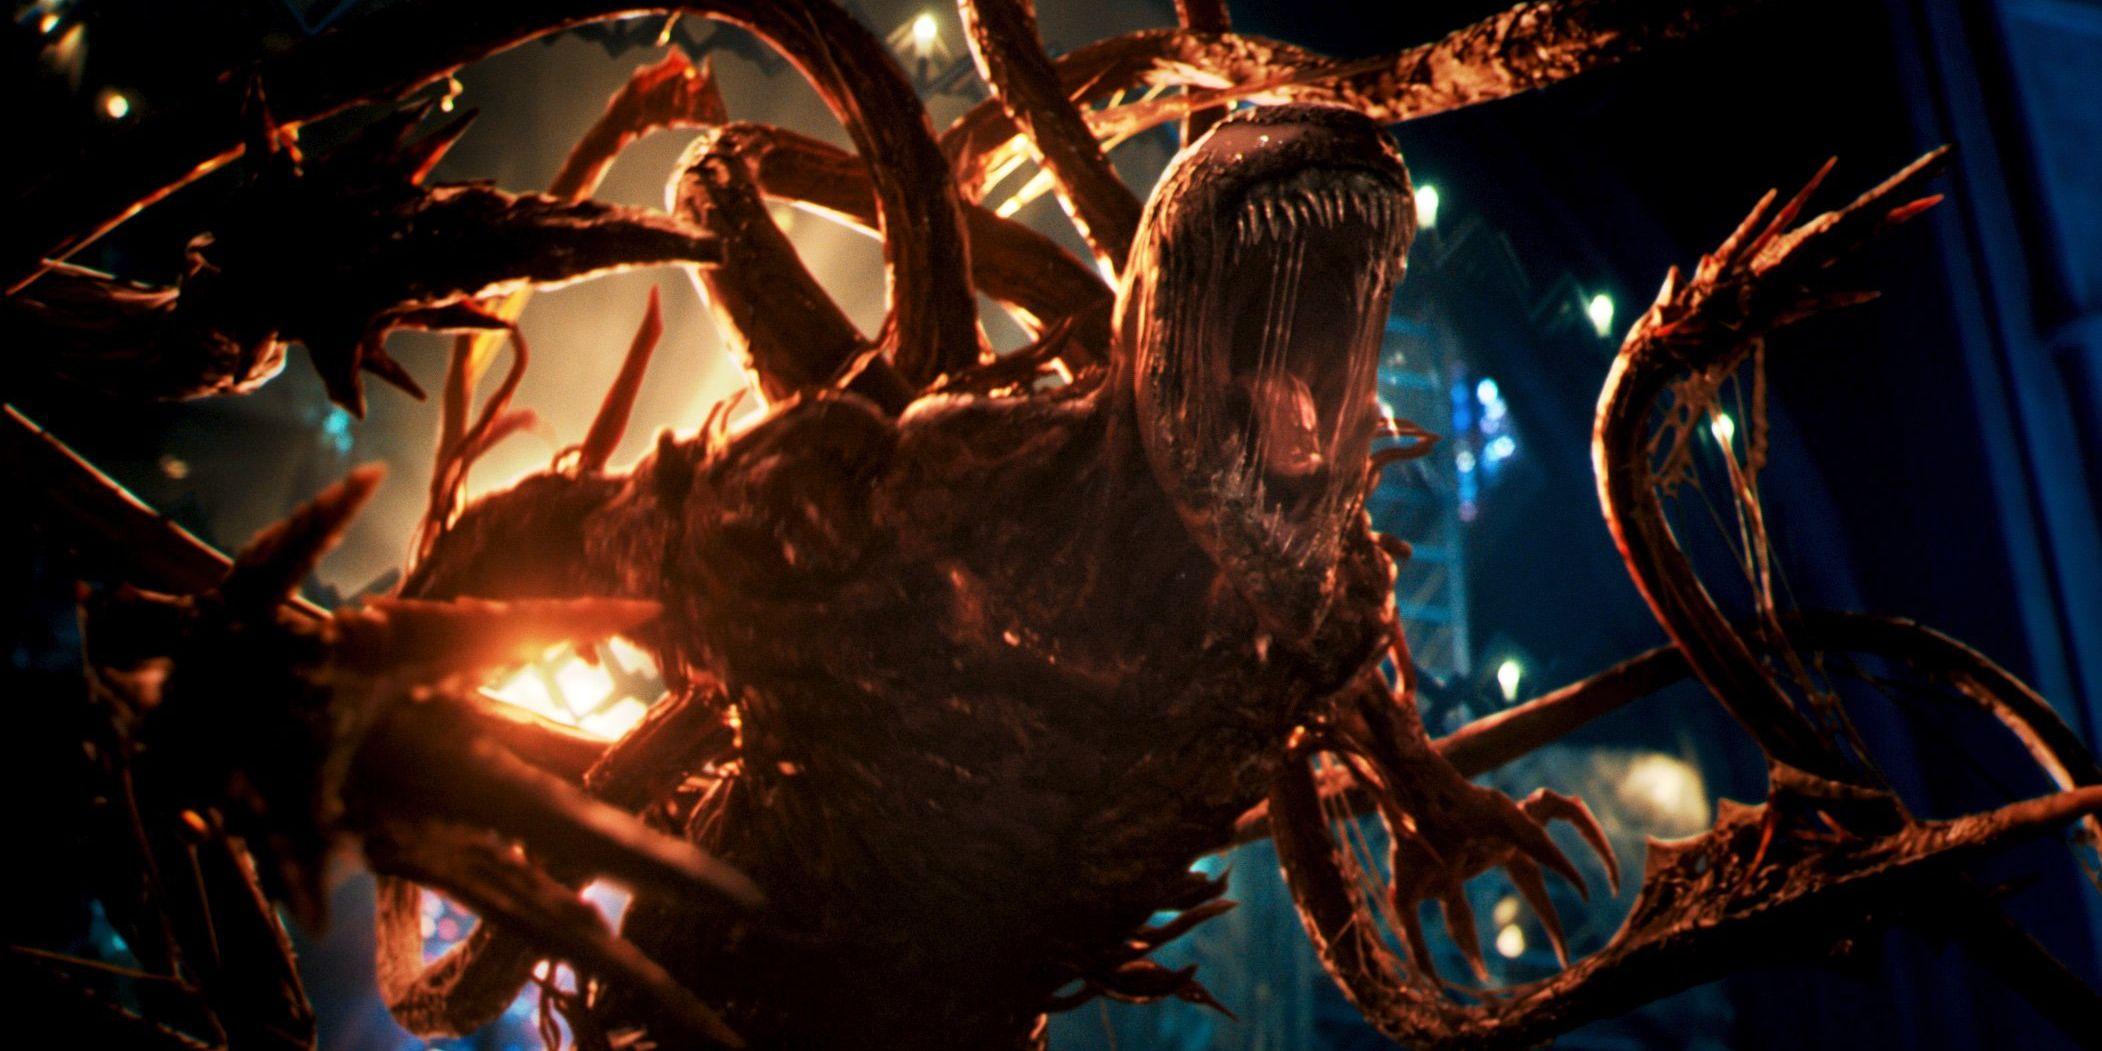 Venom 2 Trailer Reveals a Major Change to Carnage's Origin | CBR